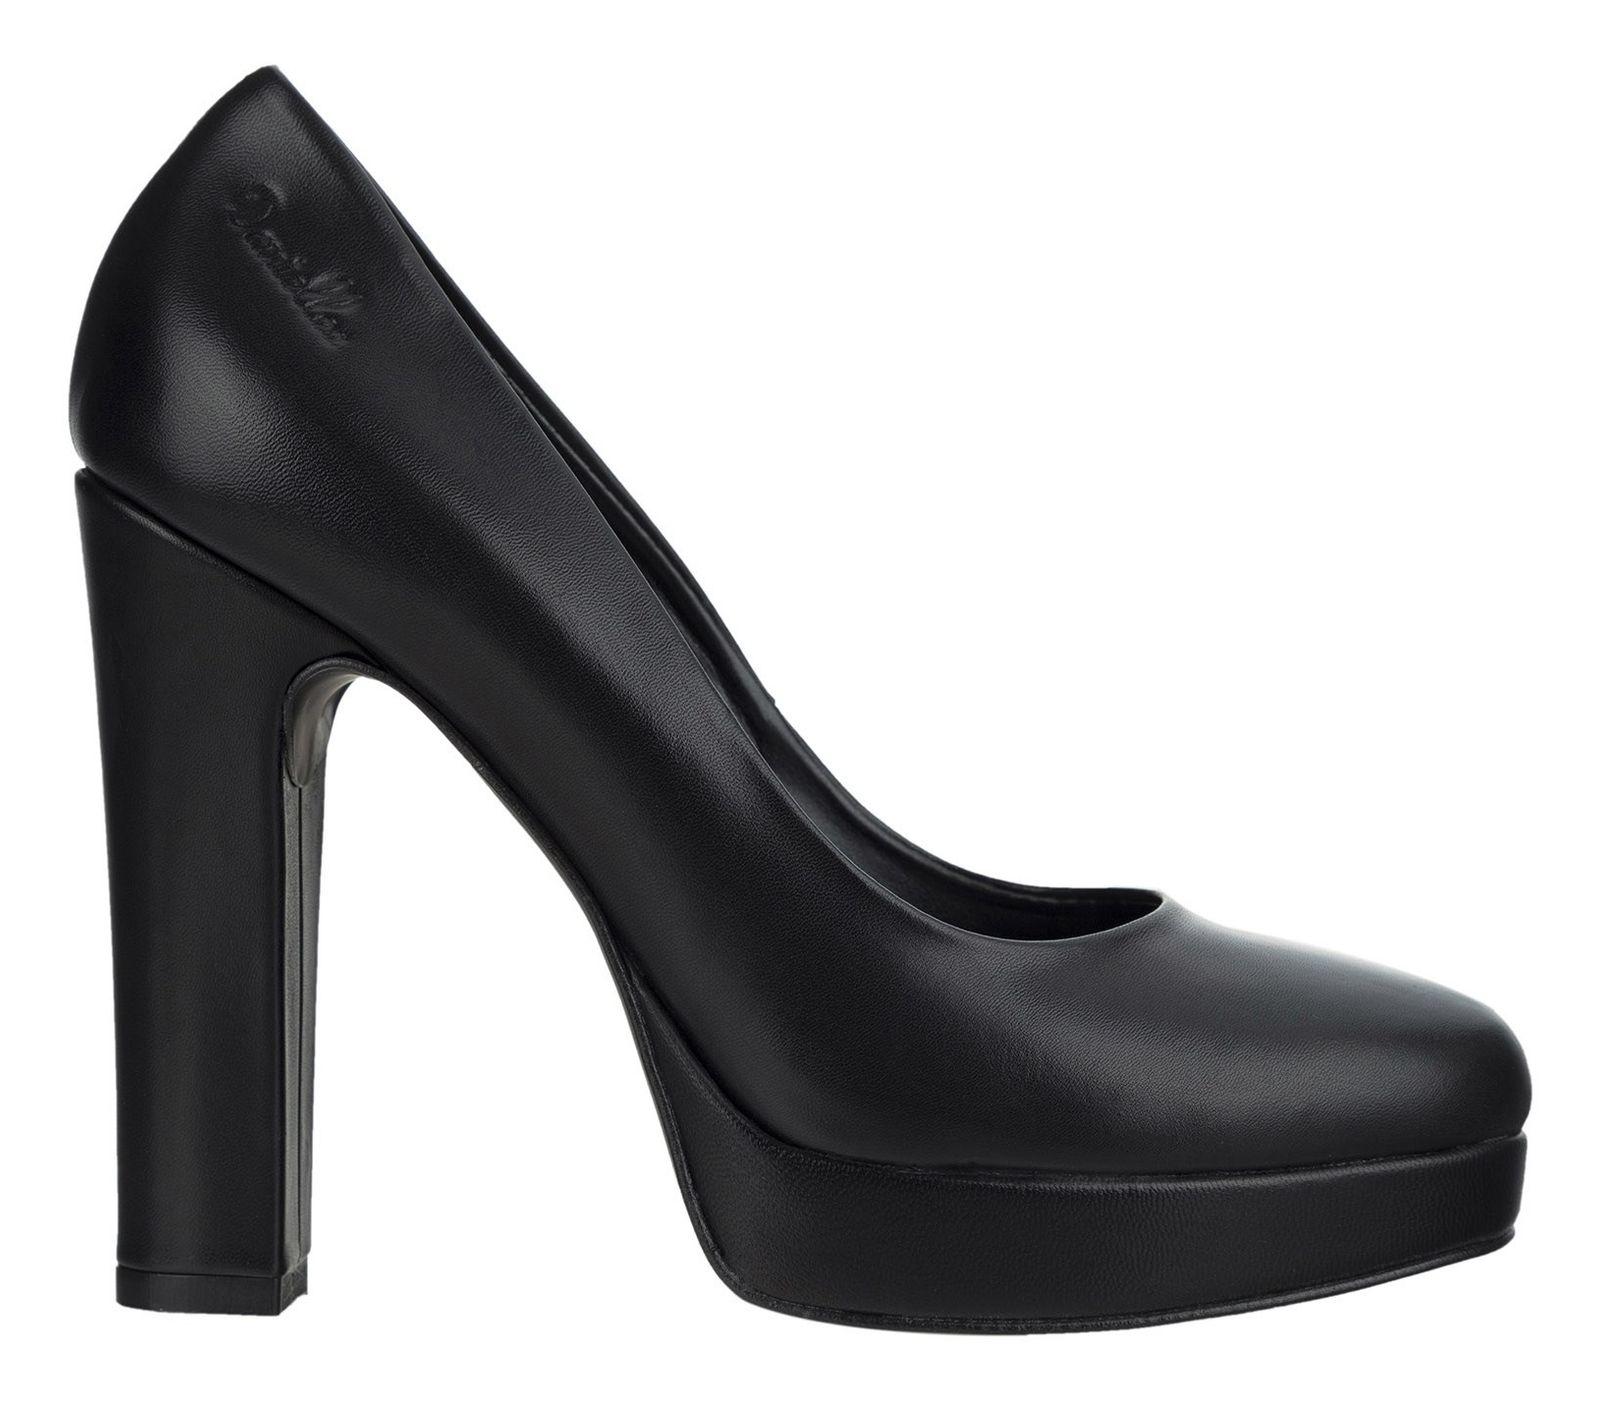 کفش چرم پاشنه بلند زنانه Viviana - دنیلی - مشکي - 1